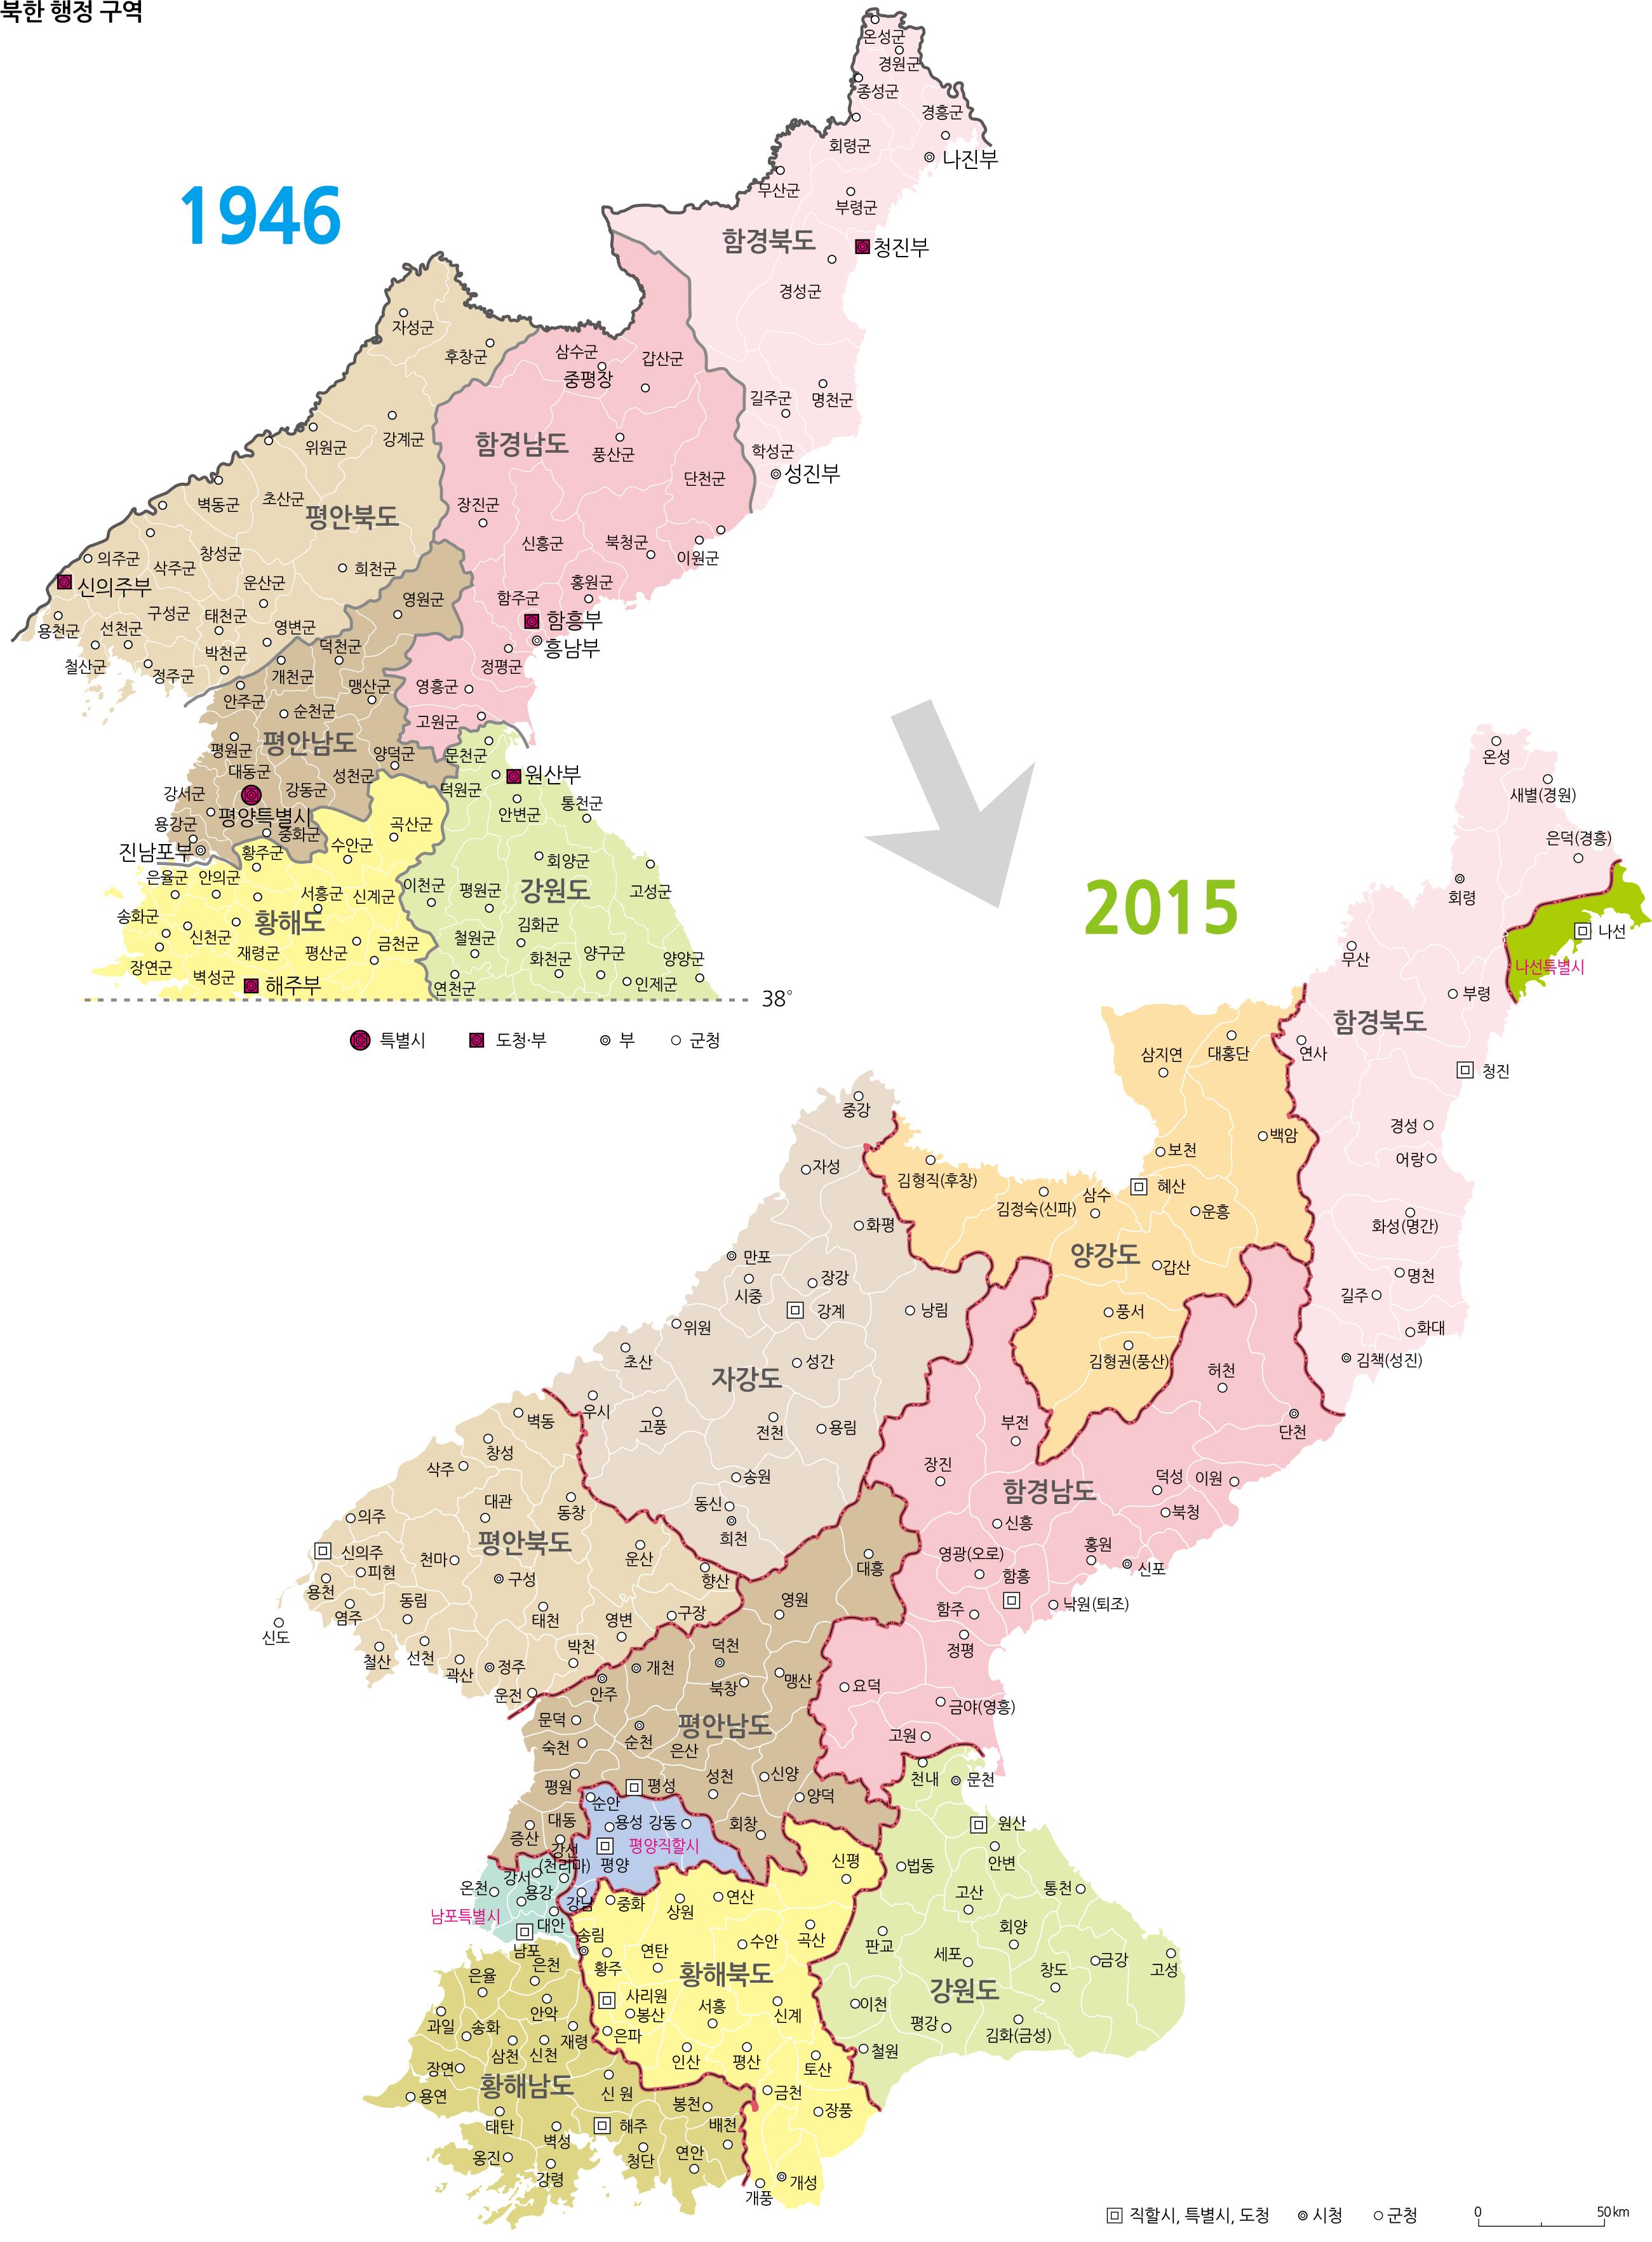 북한행정구역